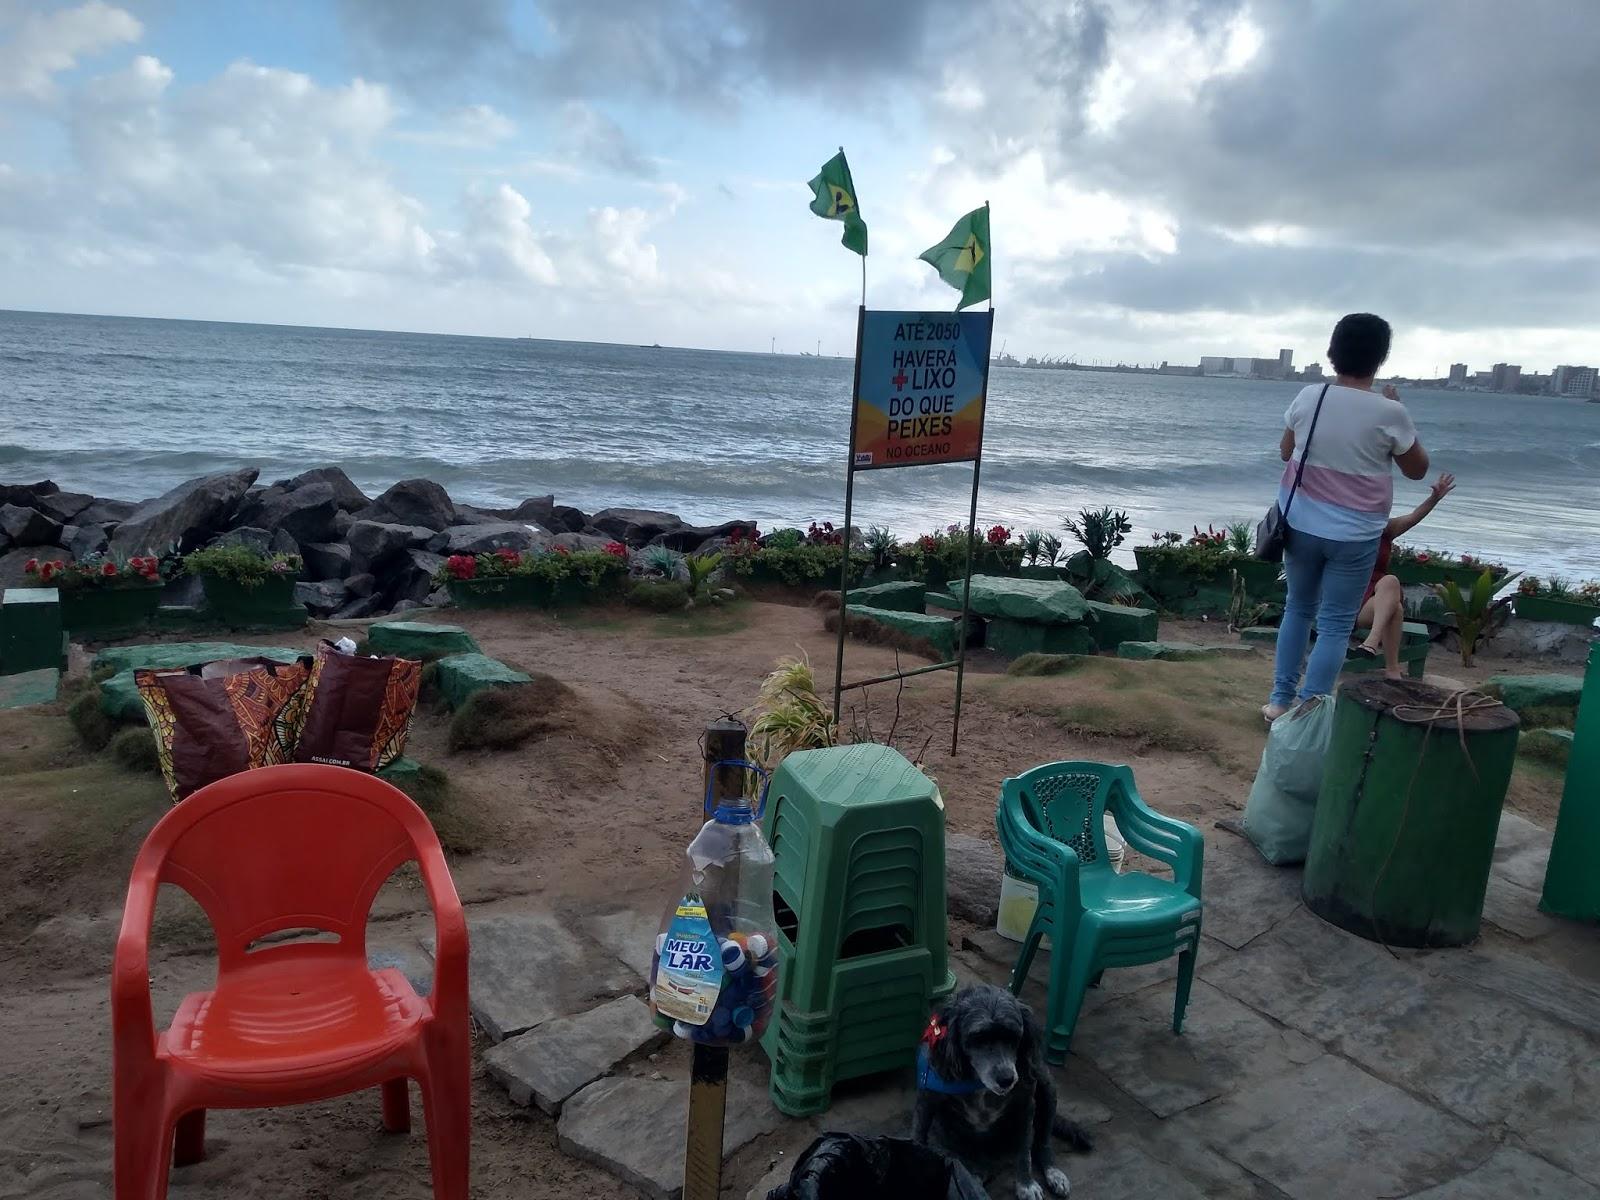 2056aef9d409b ... para as praias do Futuro, Volta da Jurema, Acquário Ceará, Escola de  Aprendizes Marinheiros, Iracema, Náutico, Beira-Mar (foto) e Foz do Rio  Ceará.